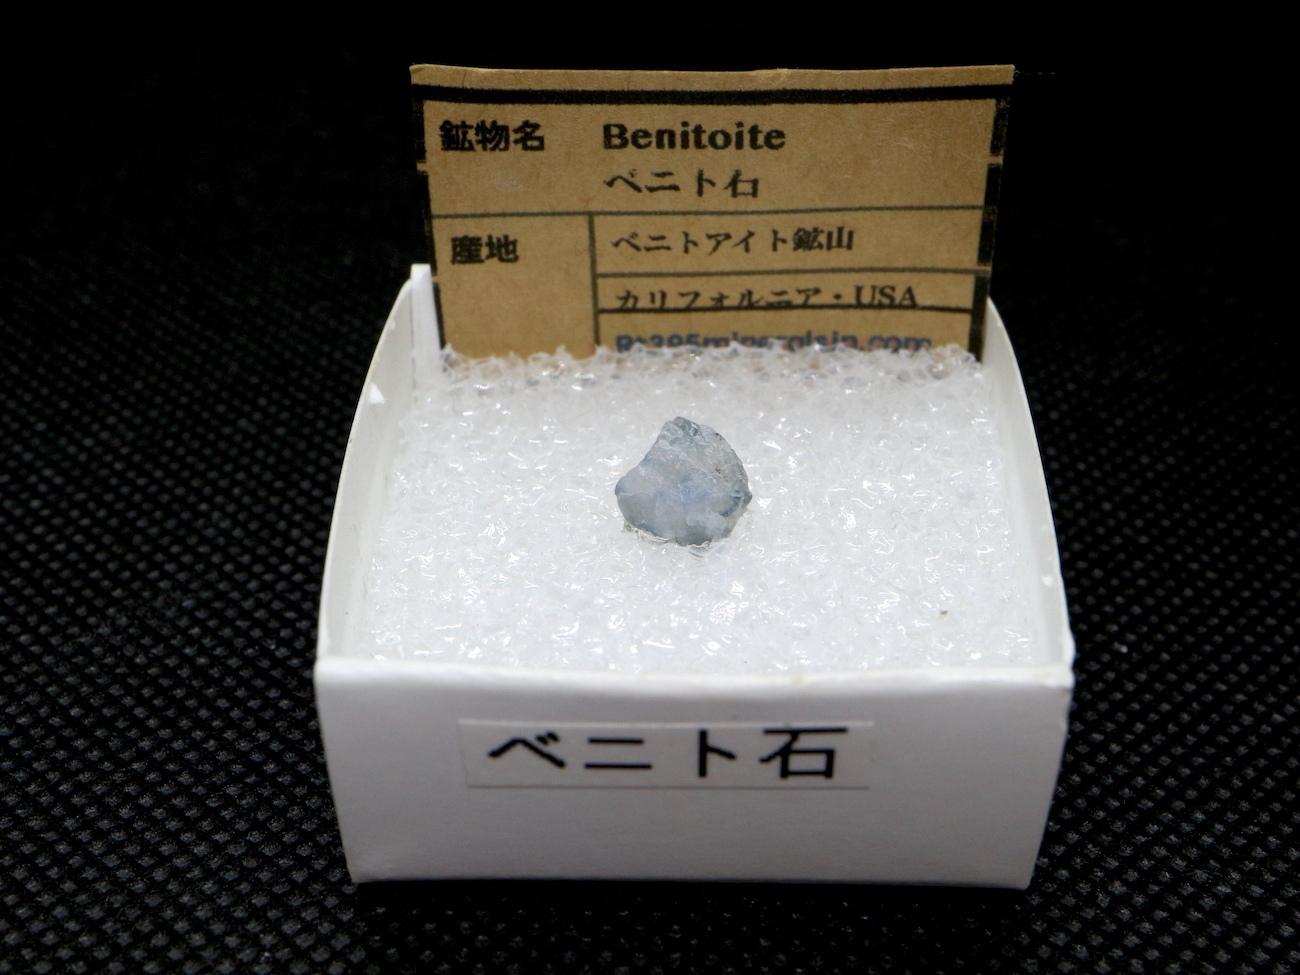 ベニトアイト ベニト石  カリフォルニア産   BN044 鉱物 天然石 パワーストーン